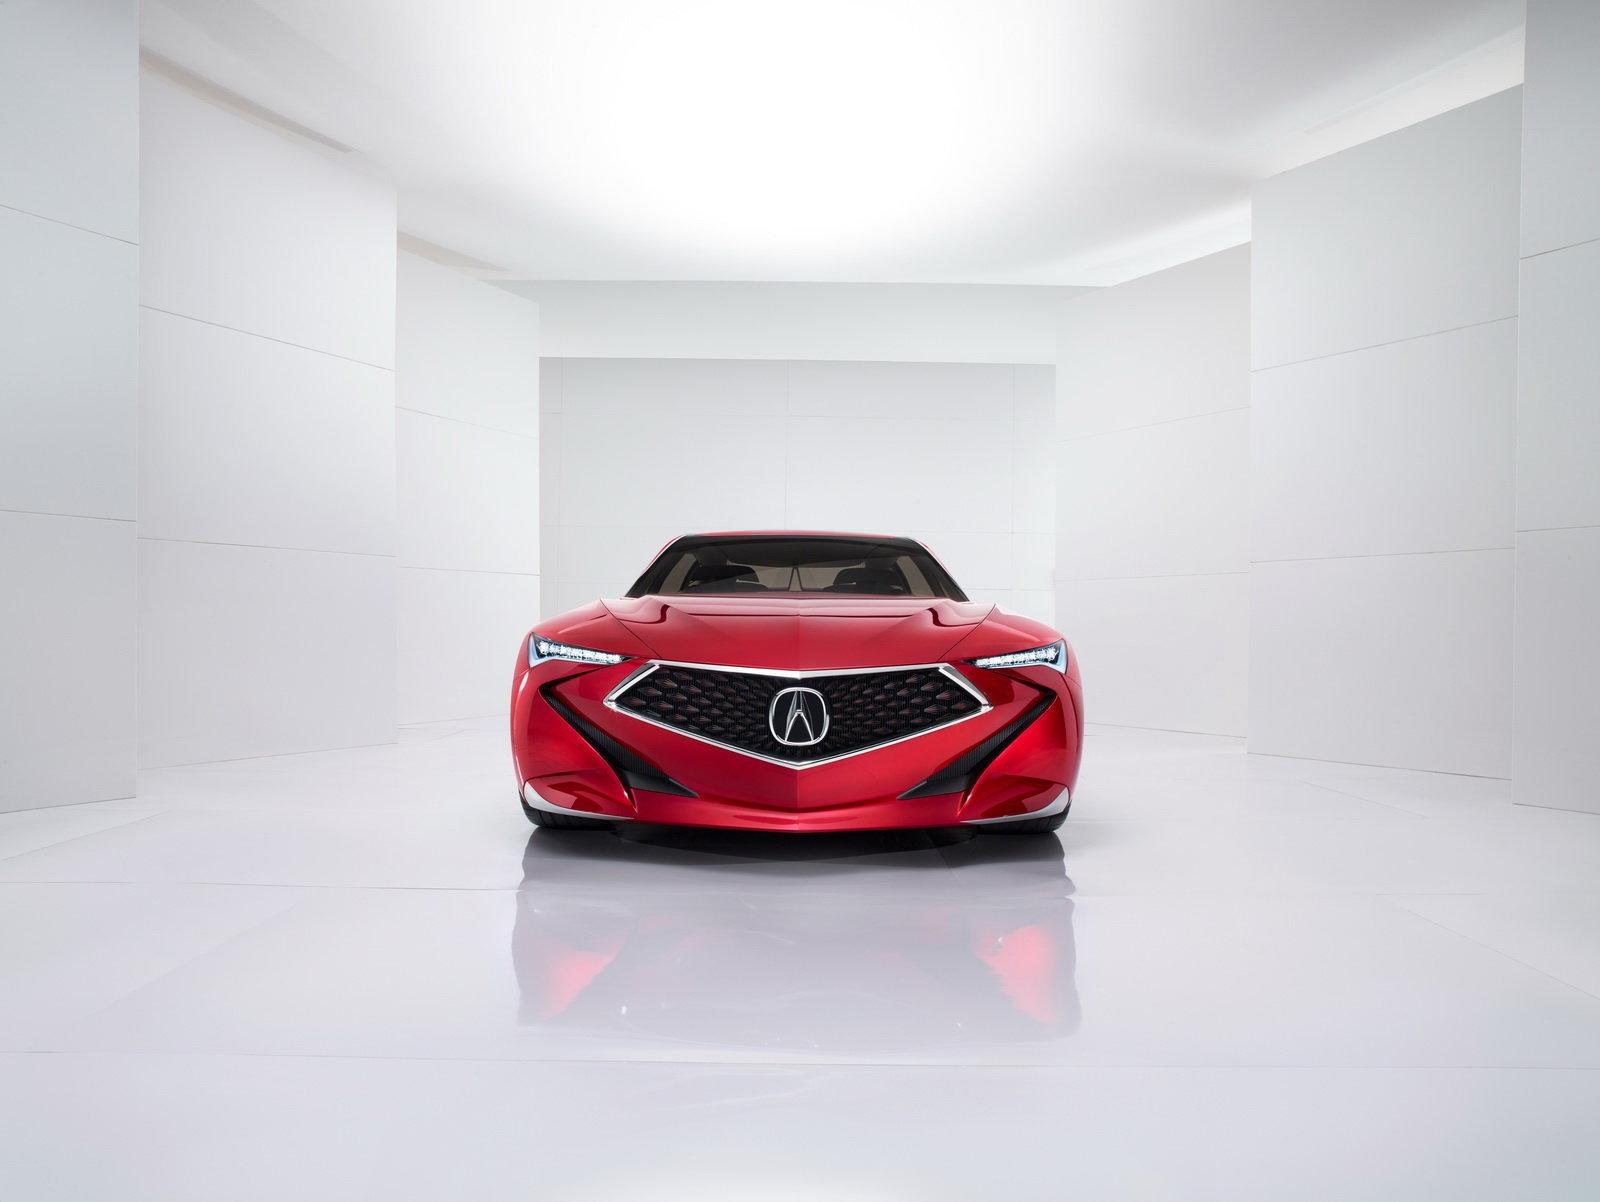 Acura Precision Concept 2016 – Front